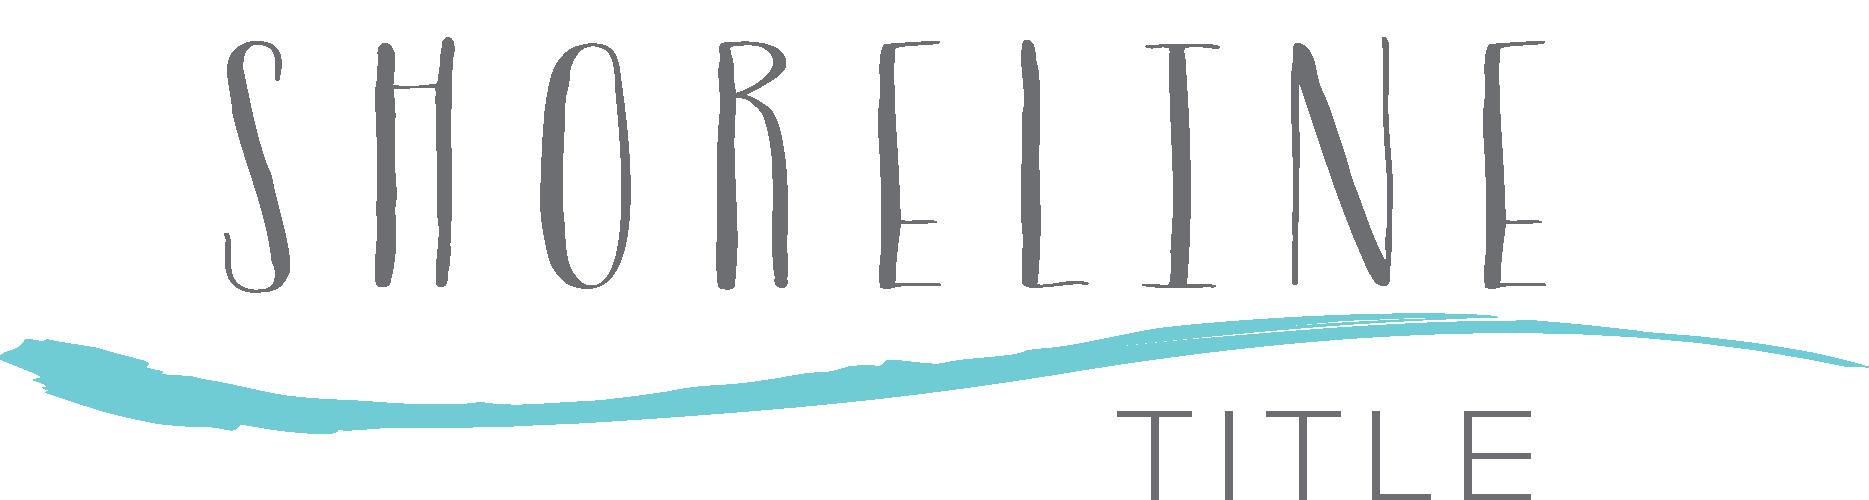 DRIVING RANGE SPONSOR - Shoreline Title - Logo